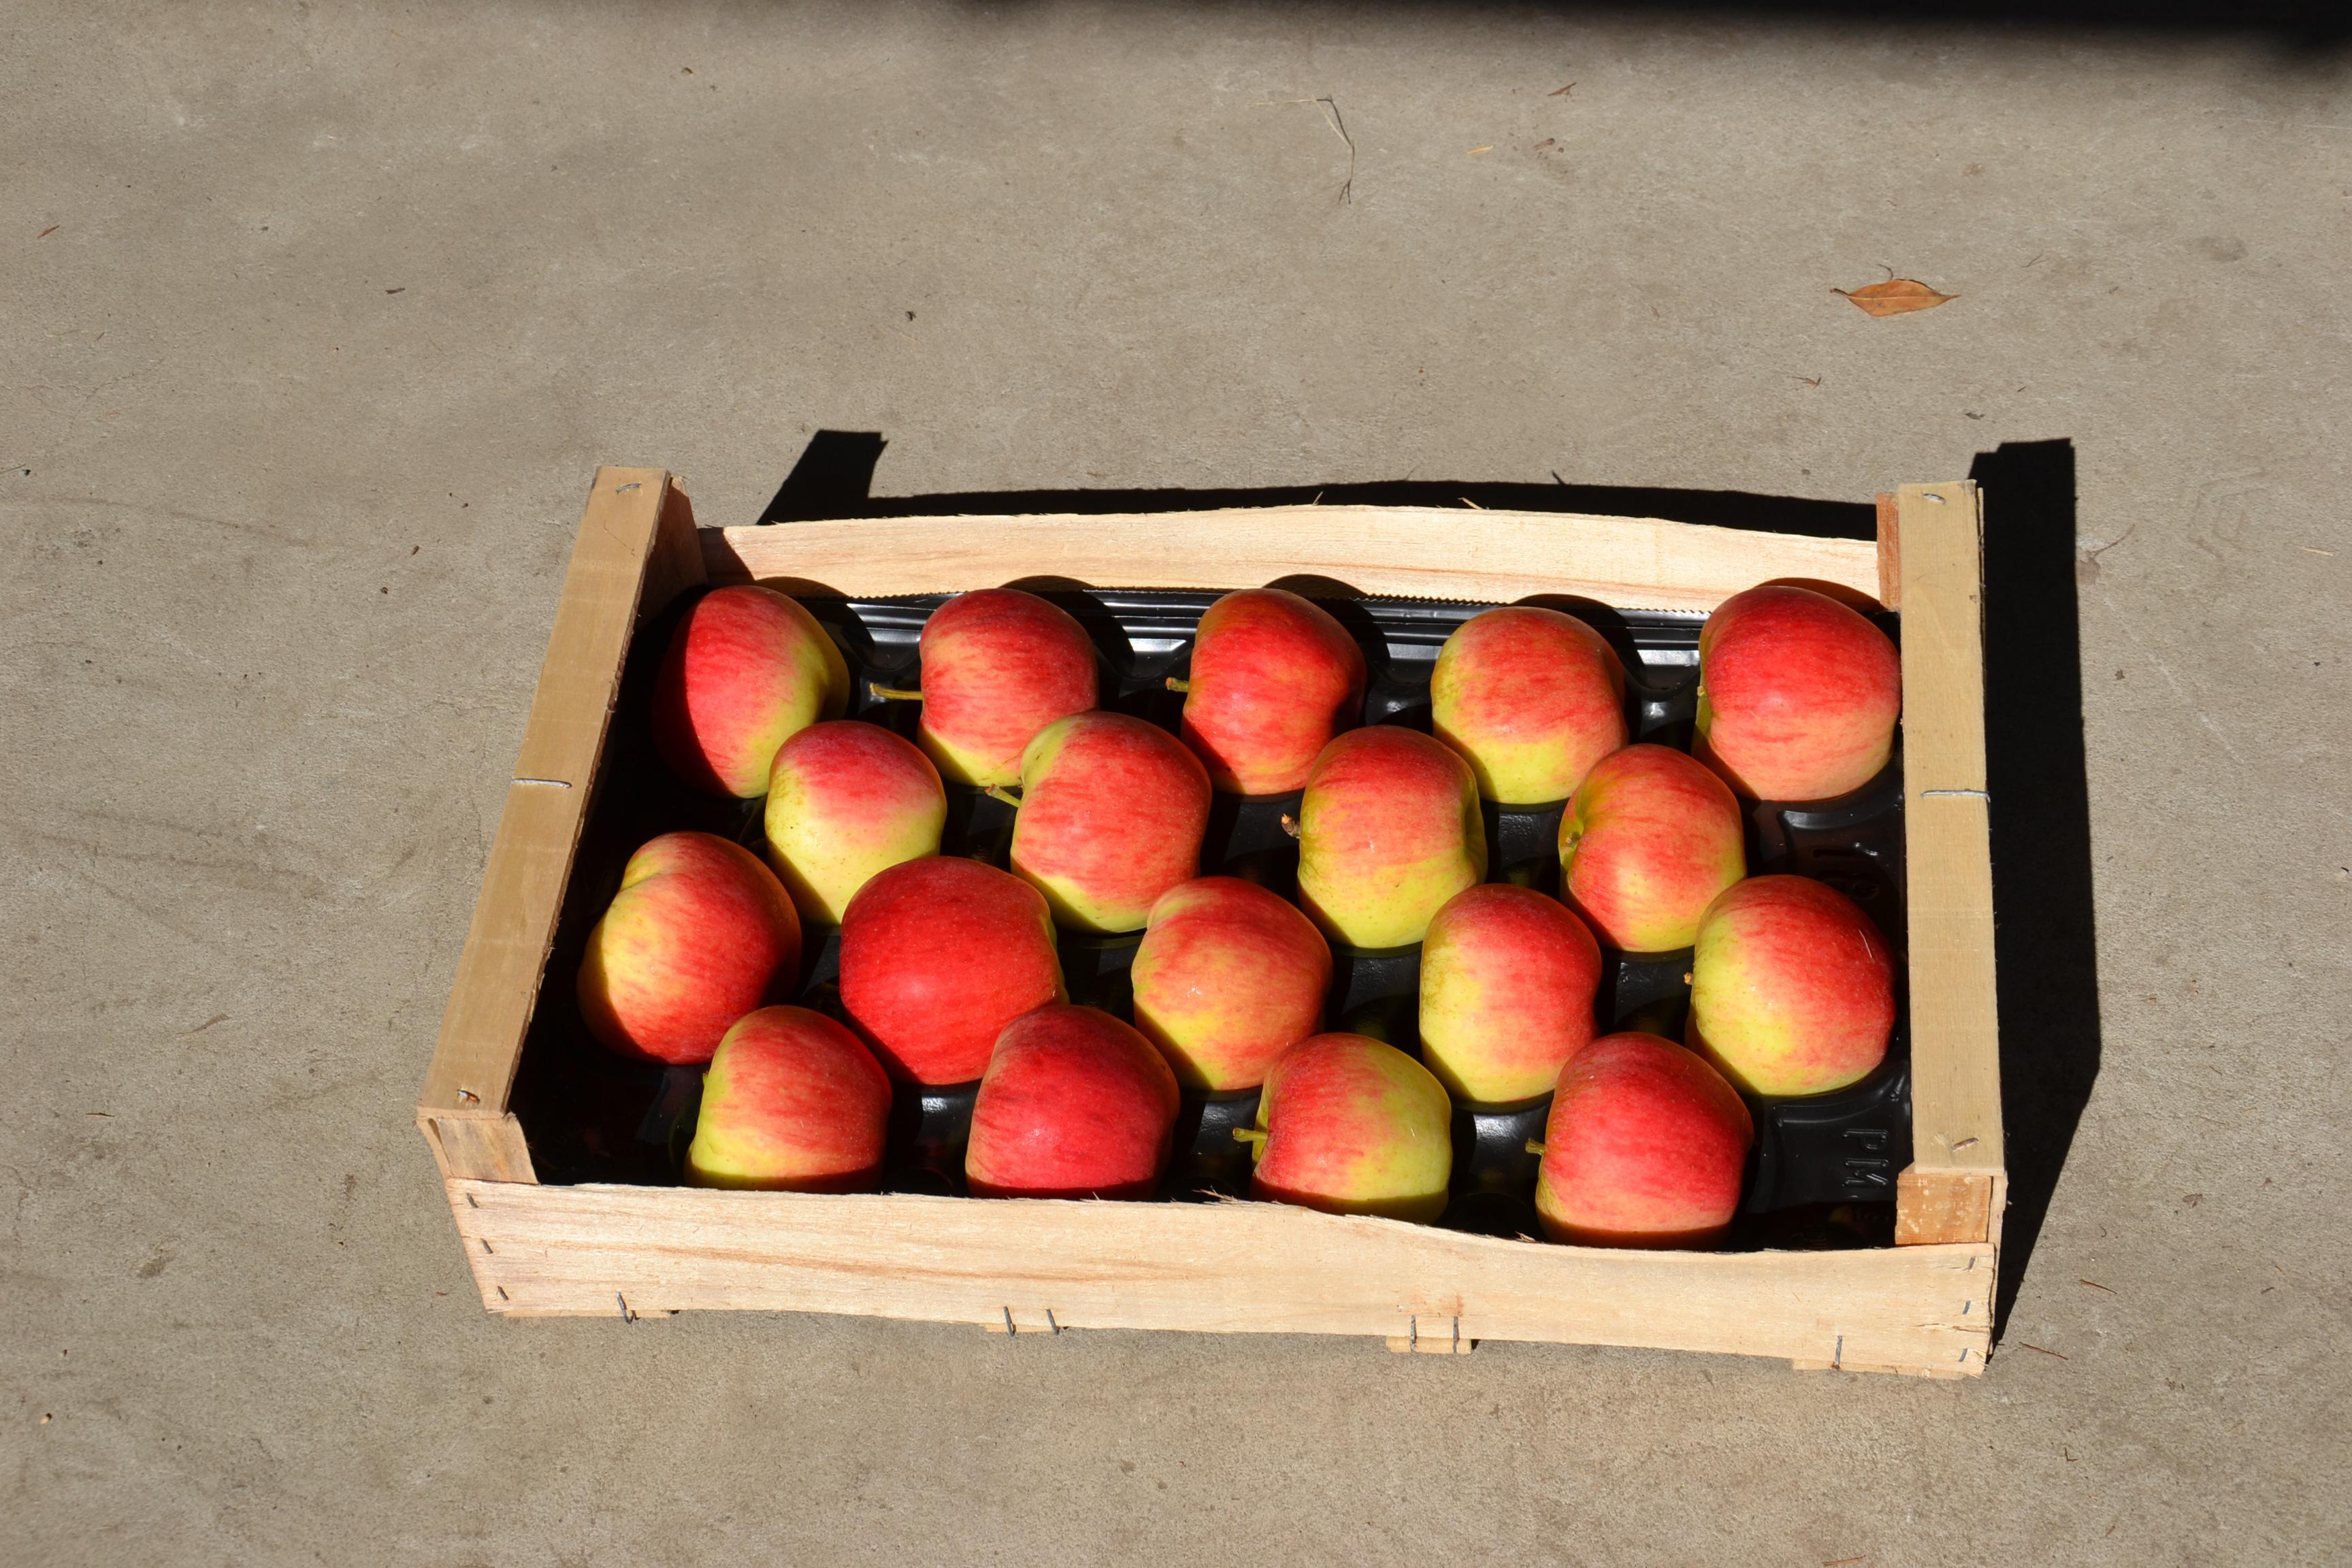 Plateau de pommes